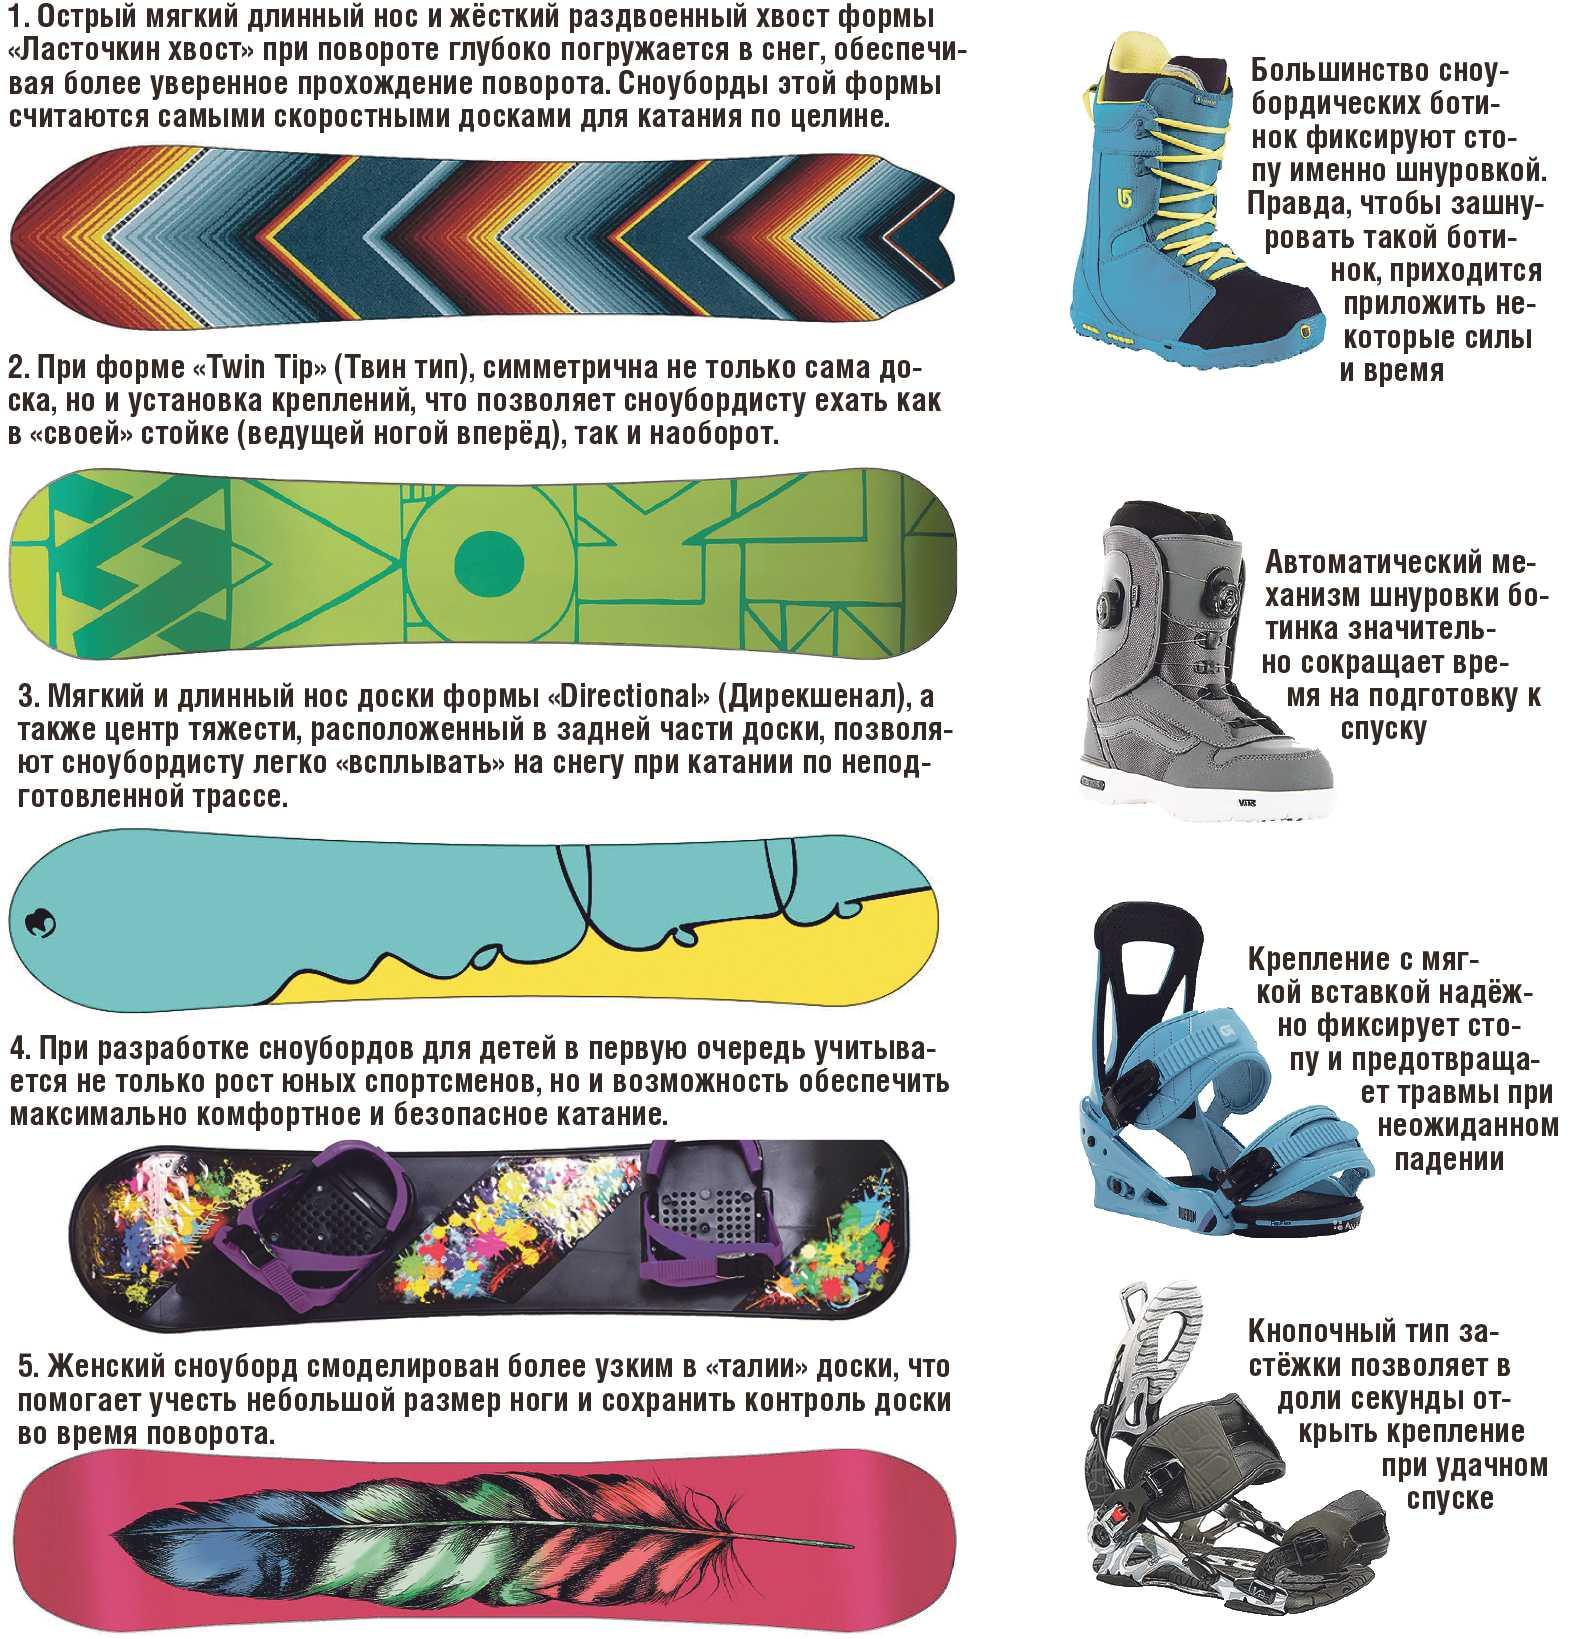 Как выбрать сноуборд по росту и весу? виды и жесткость сноубордов